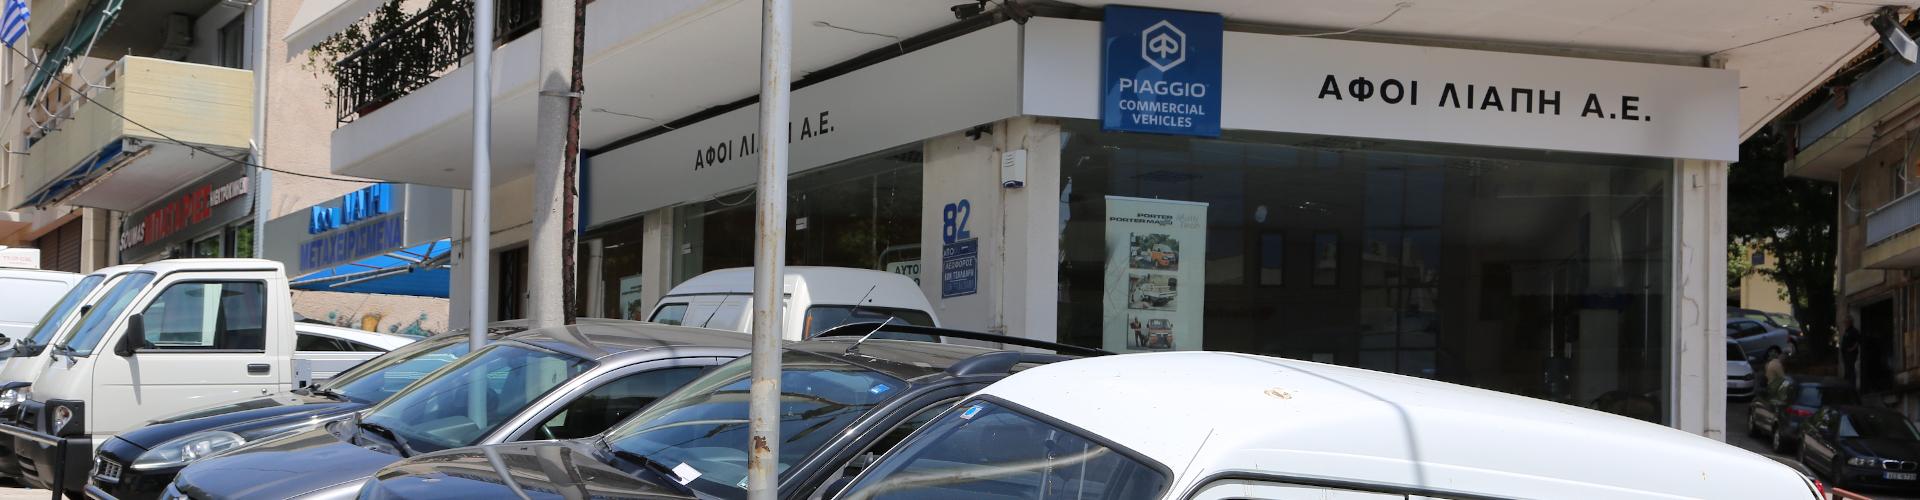 Εξουσιοδοτημένο Συνεργείο Piaggio - ΑΦΟΙ Λιάπη